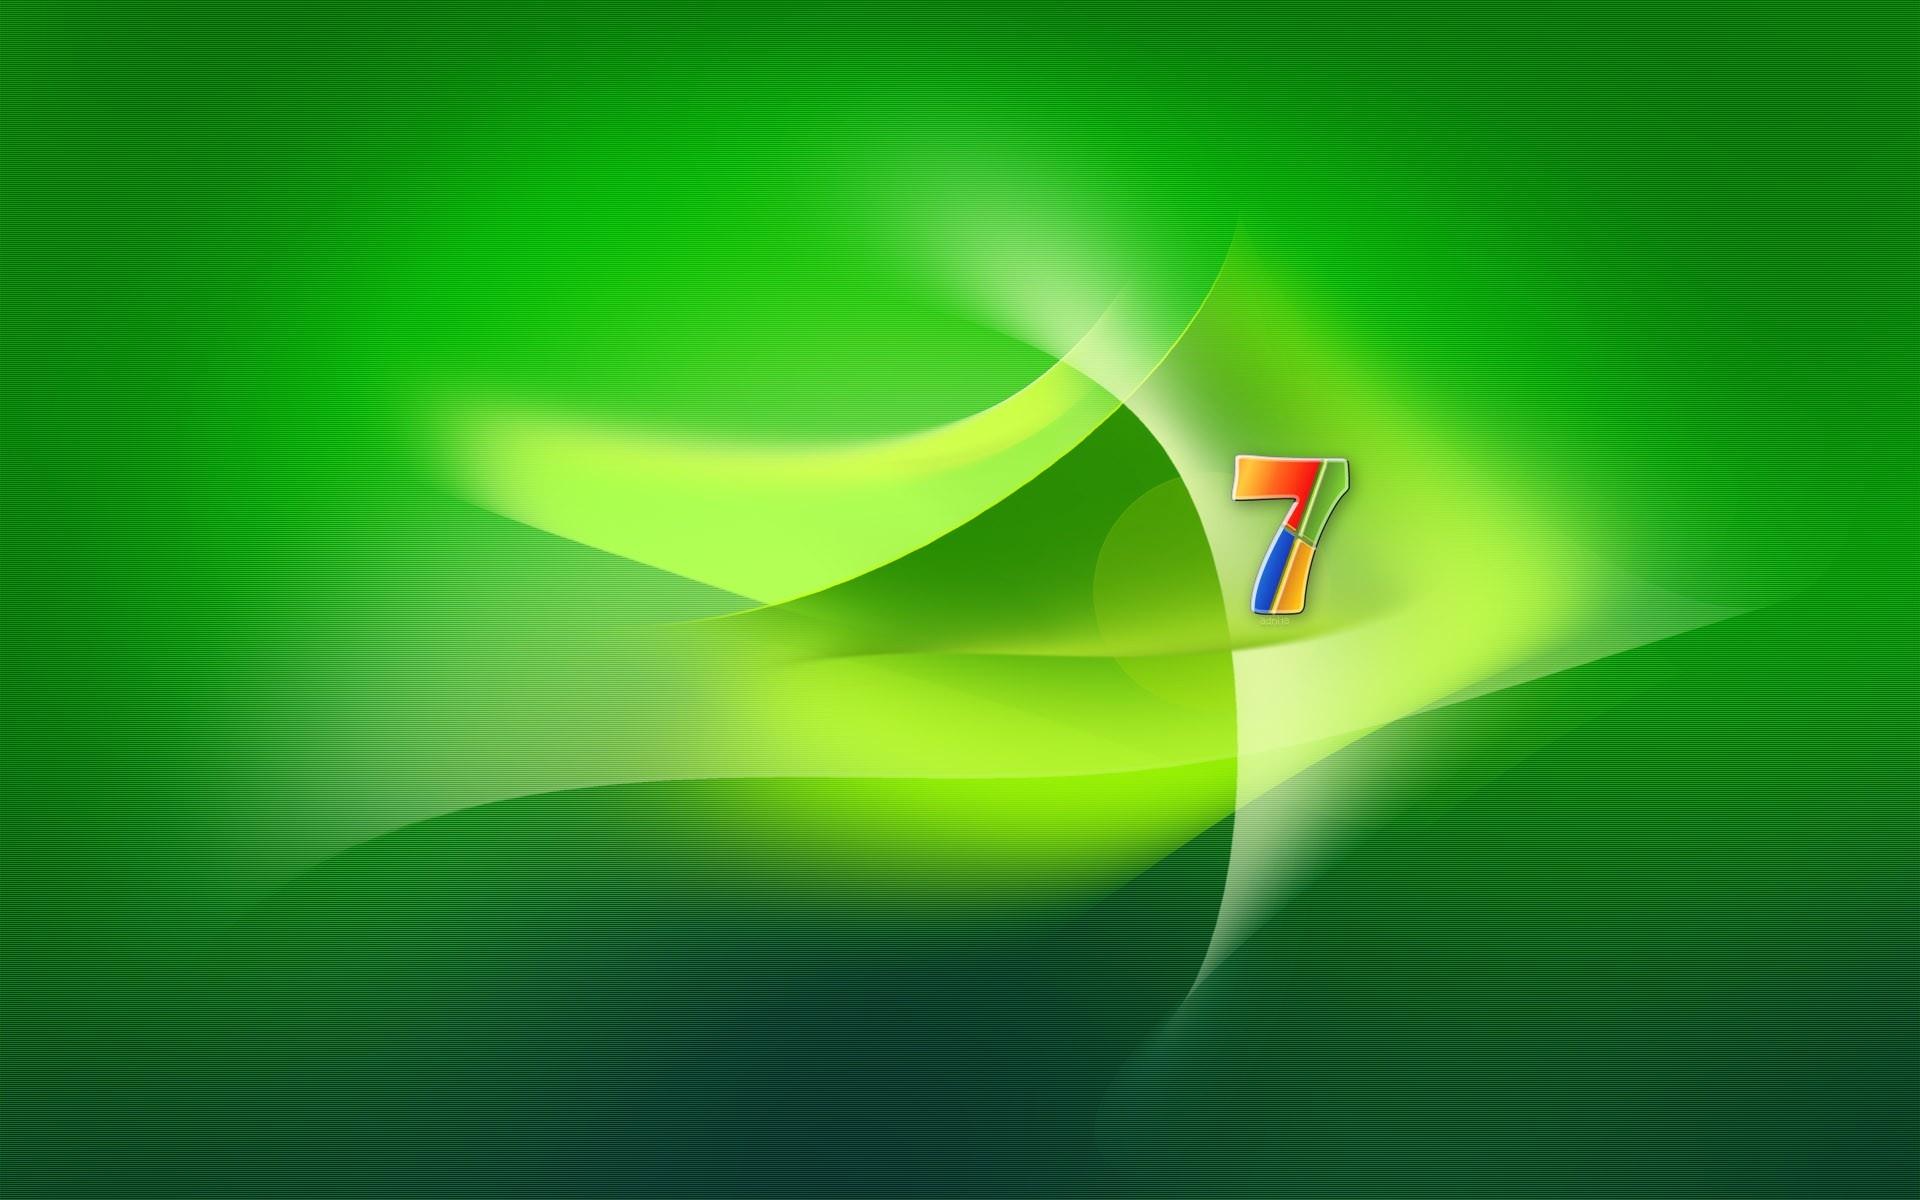 壁紙 Windows 7の緑の空間 1920x1200 Hd 無料のデスクトップの背景 画像